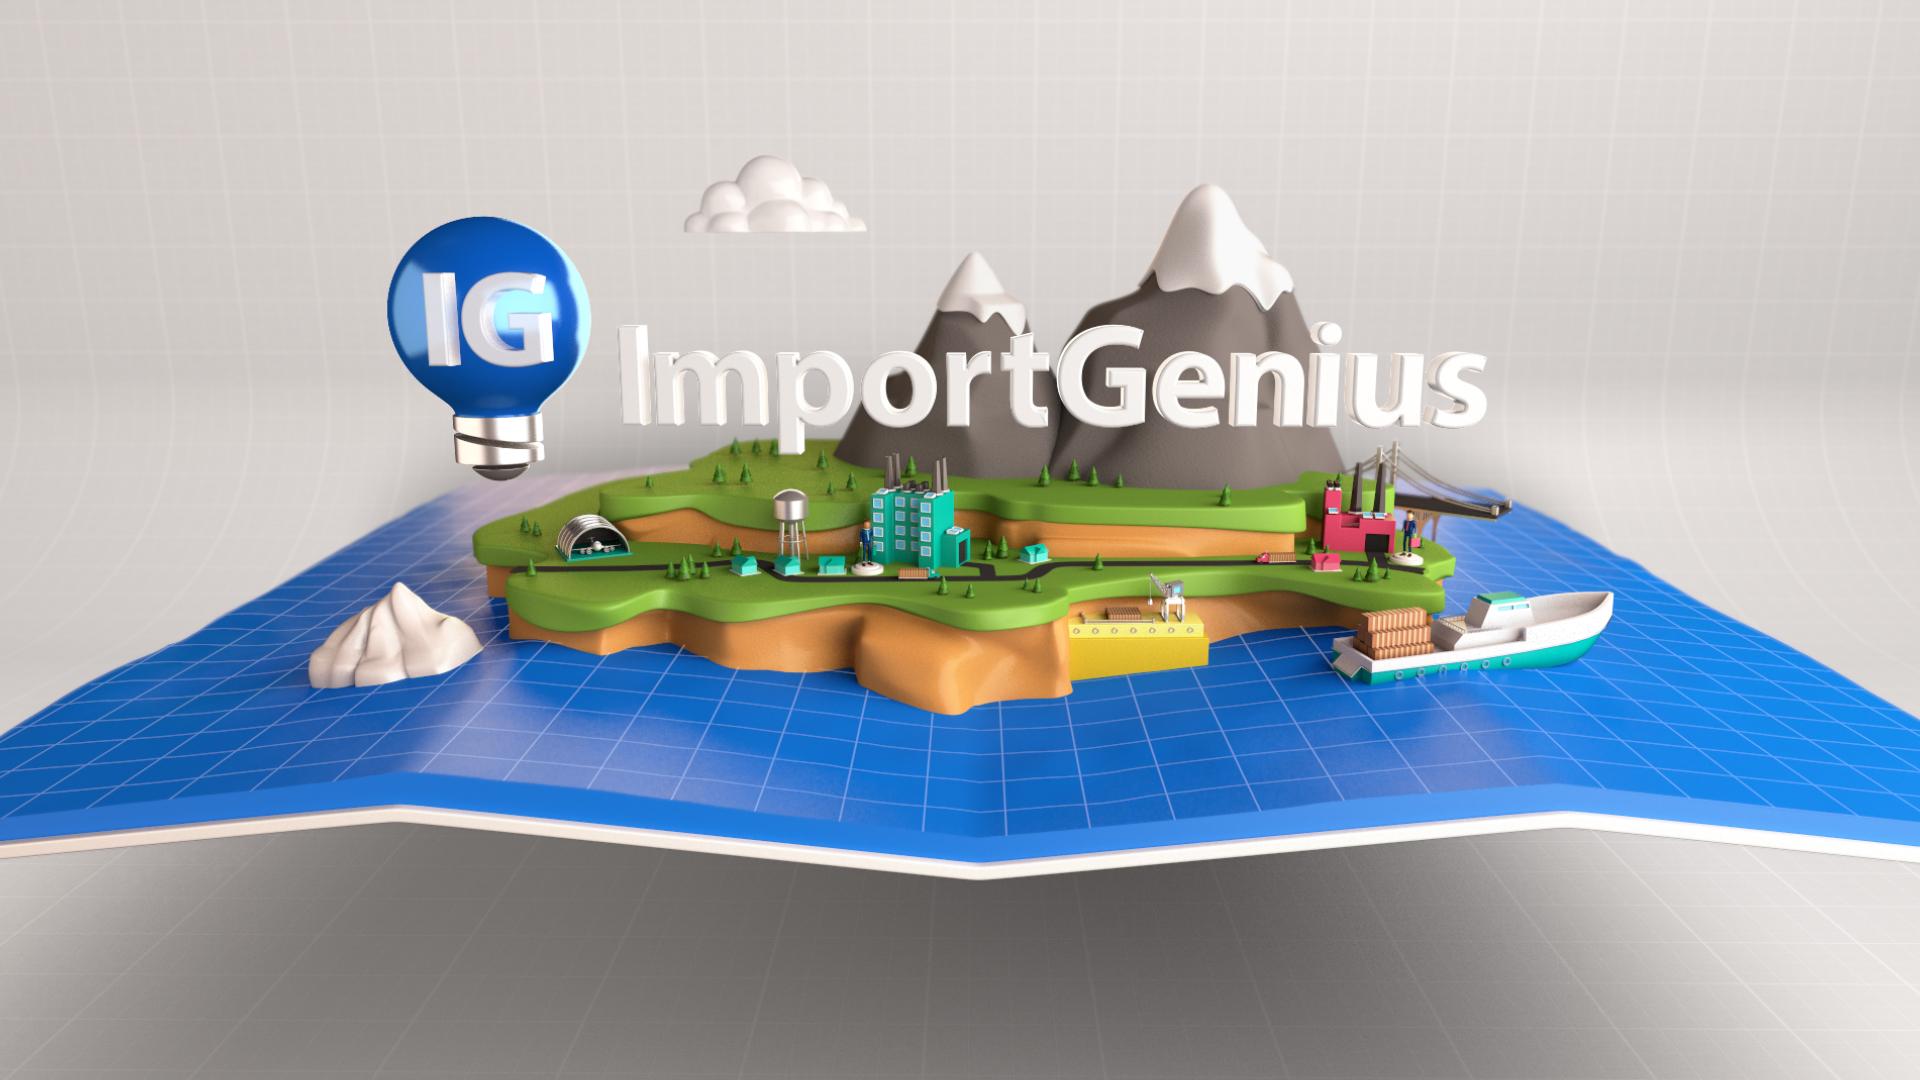 import_genius_16.jpg